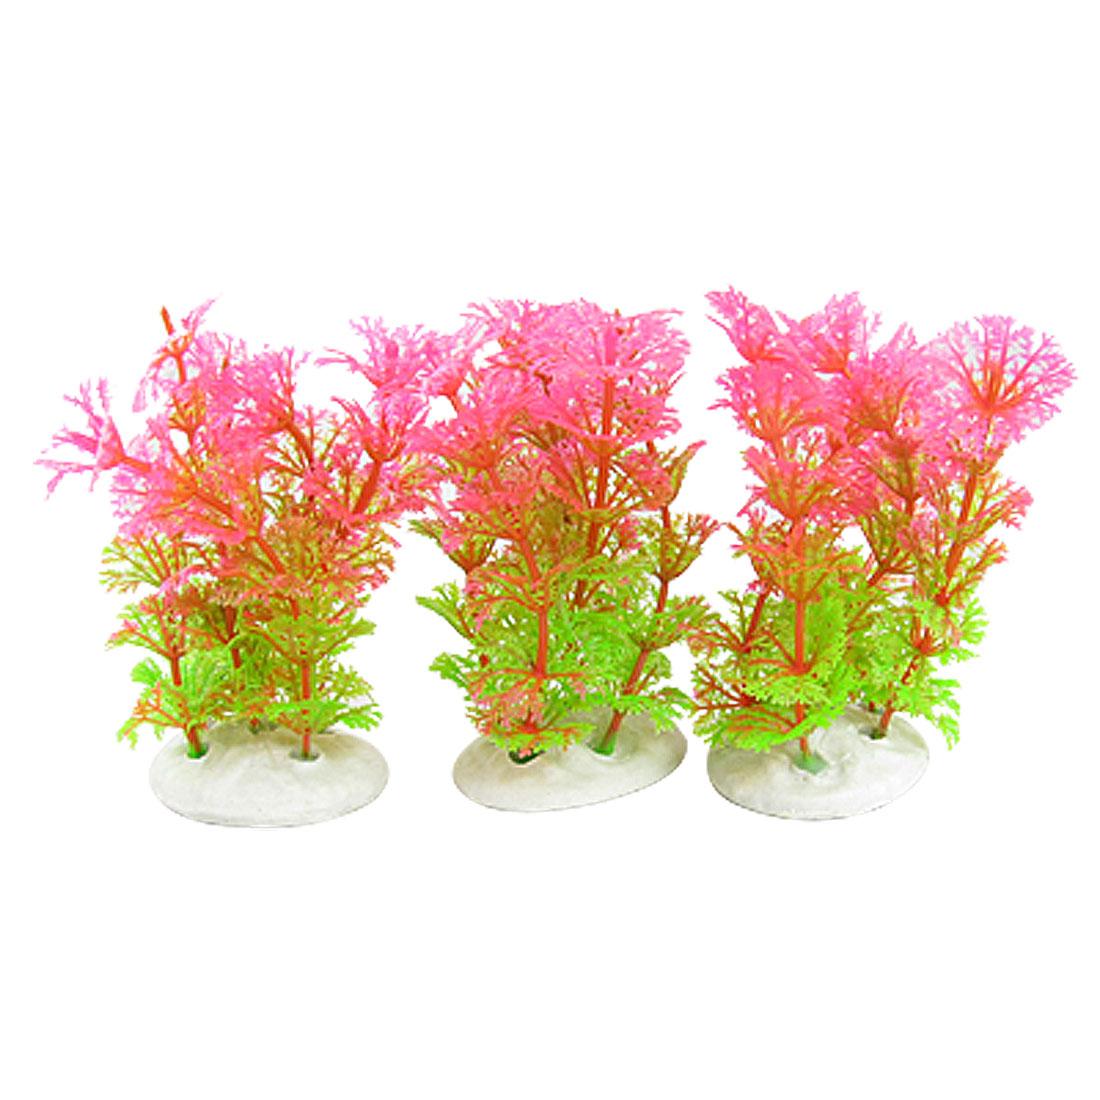 3 x Pink Plastic Grass Underwater Decoration for Aquarium